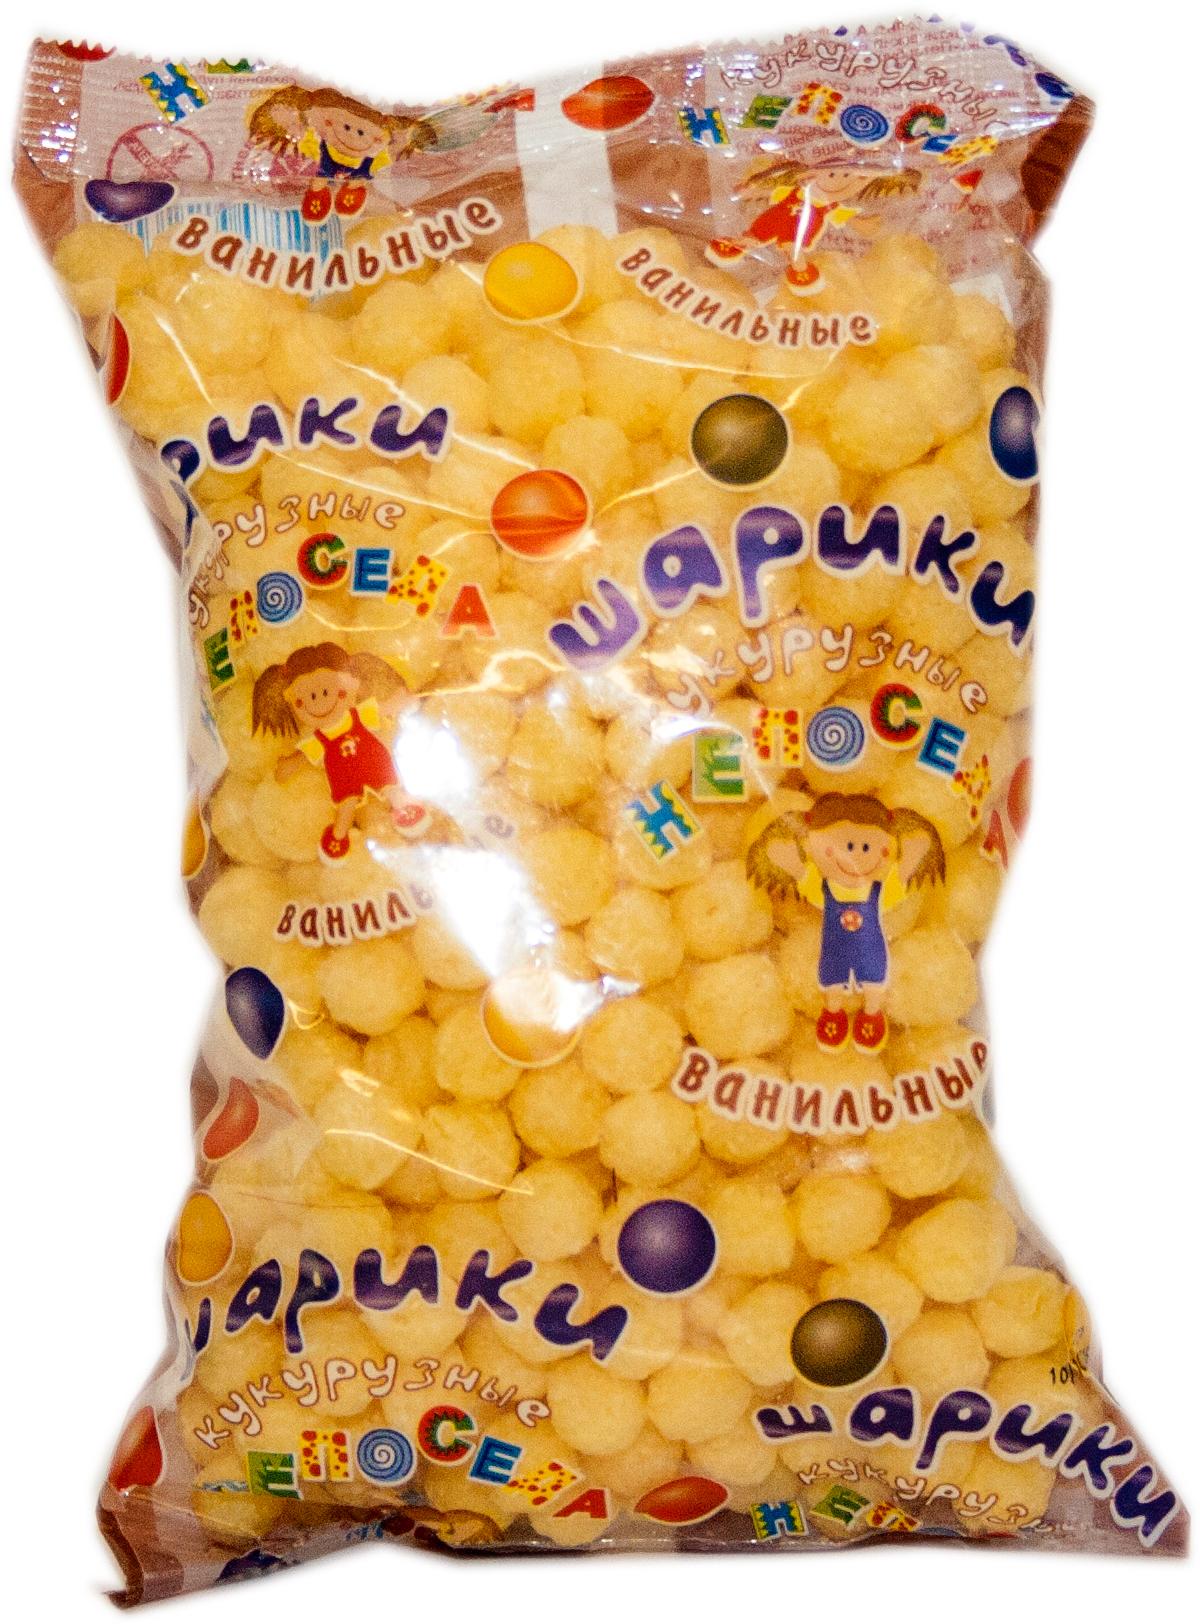 Непоседа шарики кукурузные ванильные с сахаром, 70 г Здоровей